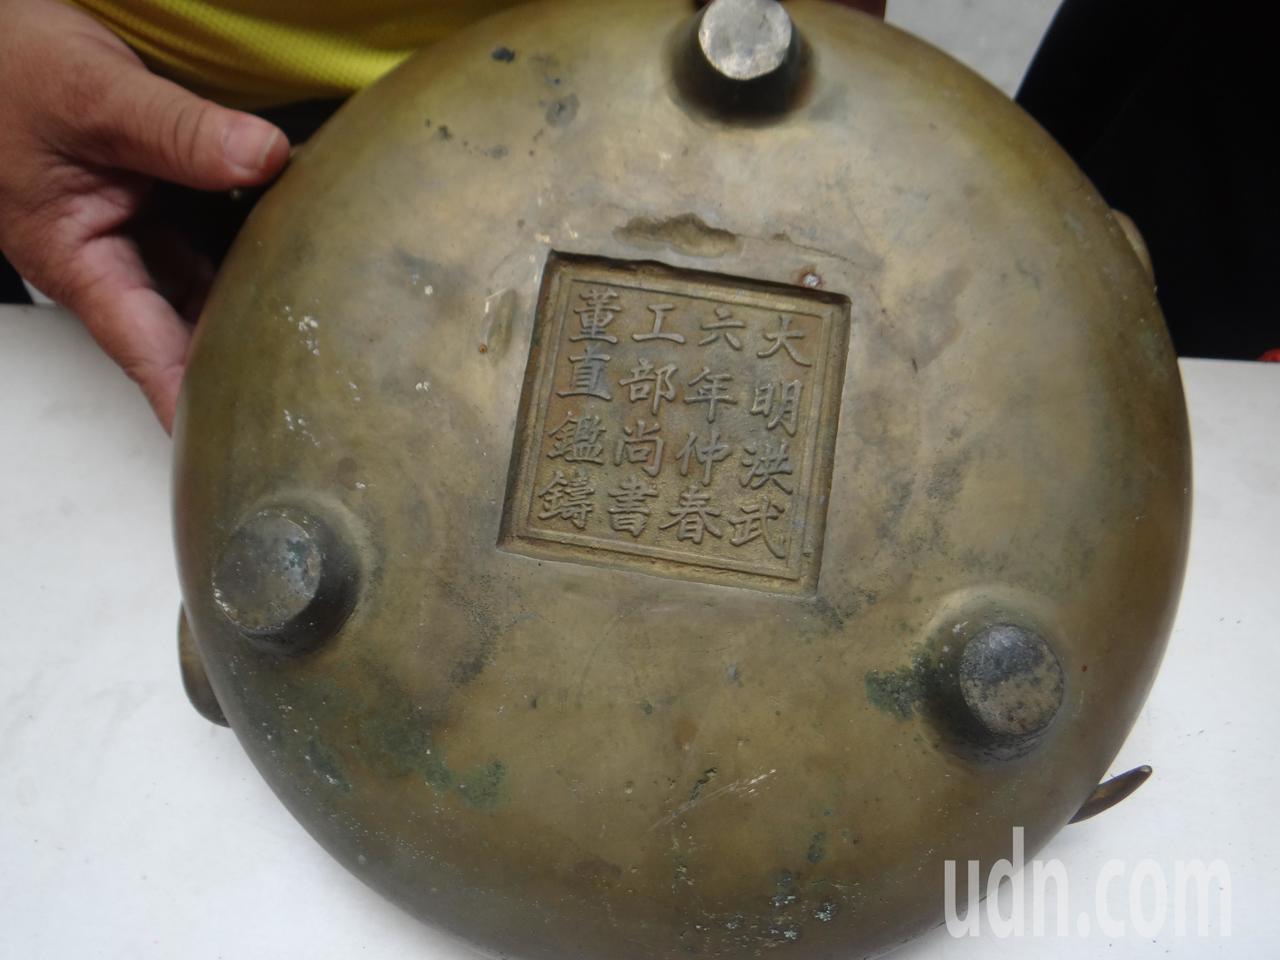 鳳山寺找出明代的古銅雙龍淨爐,十分珍貴。記者蔡維斌/攝影